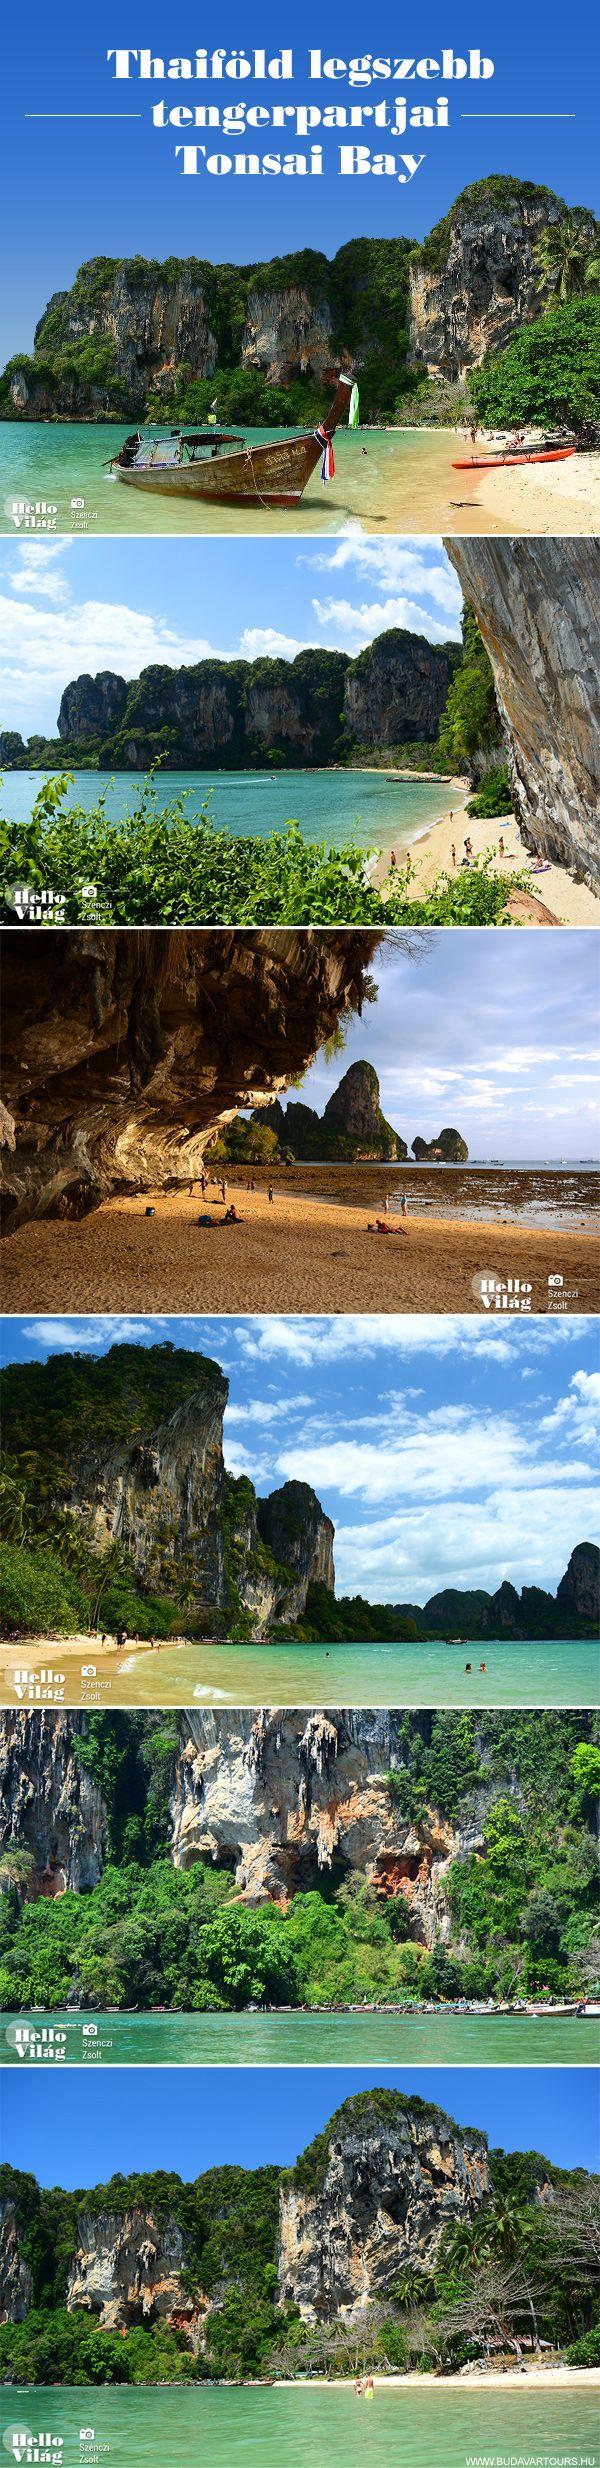 Thaiföld meseszép tengerpartjai magával ragadják az utazók képzeletét. Érintetlenségével kiemelkedik Krabi tartomány Dél-Thaiföld egzotikus vidékei közül. Míg Phuketen zajos és zsúfolt partokat találunk, addig Krabi tartomány csendes magányával várja az arra tévedő kalandorokat…